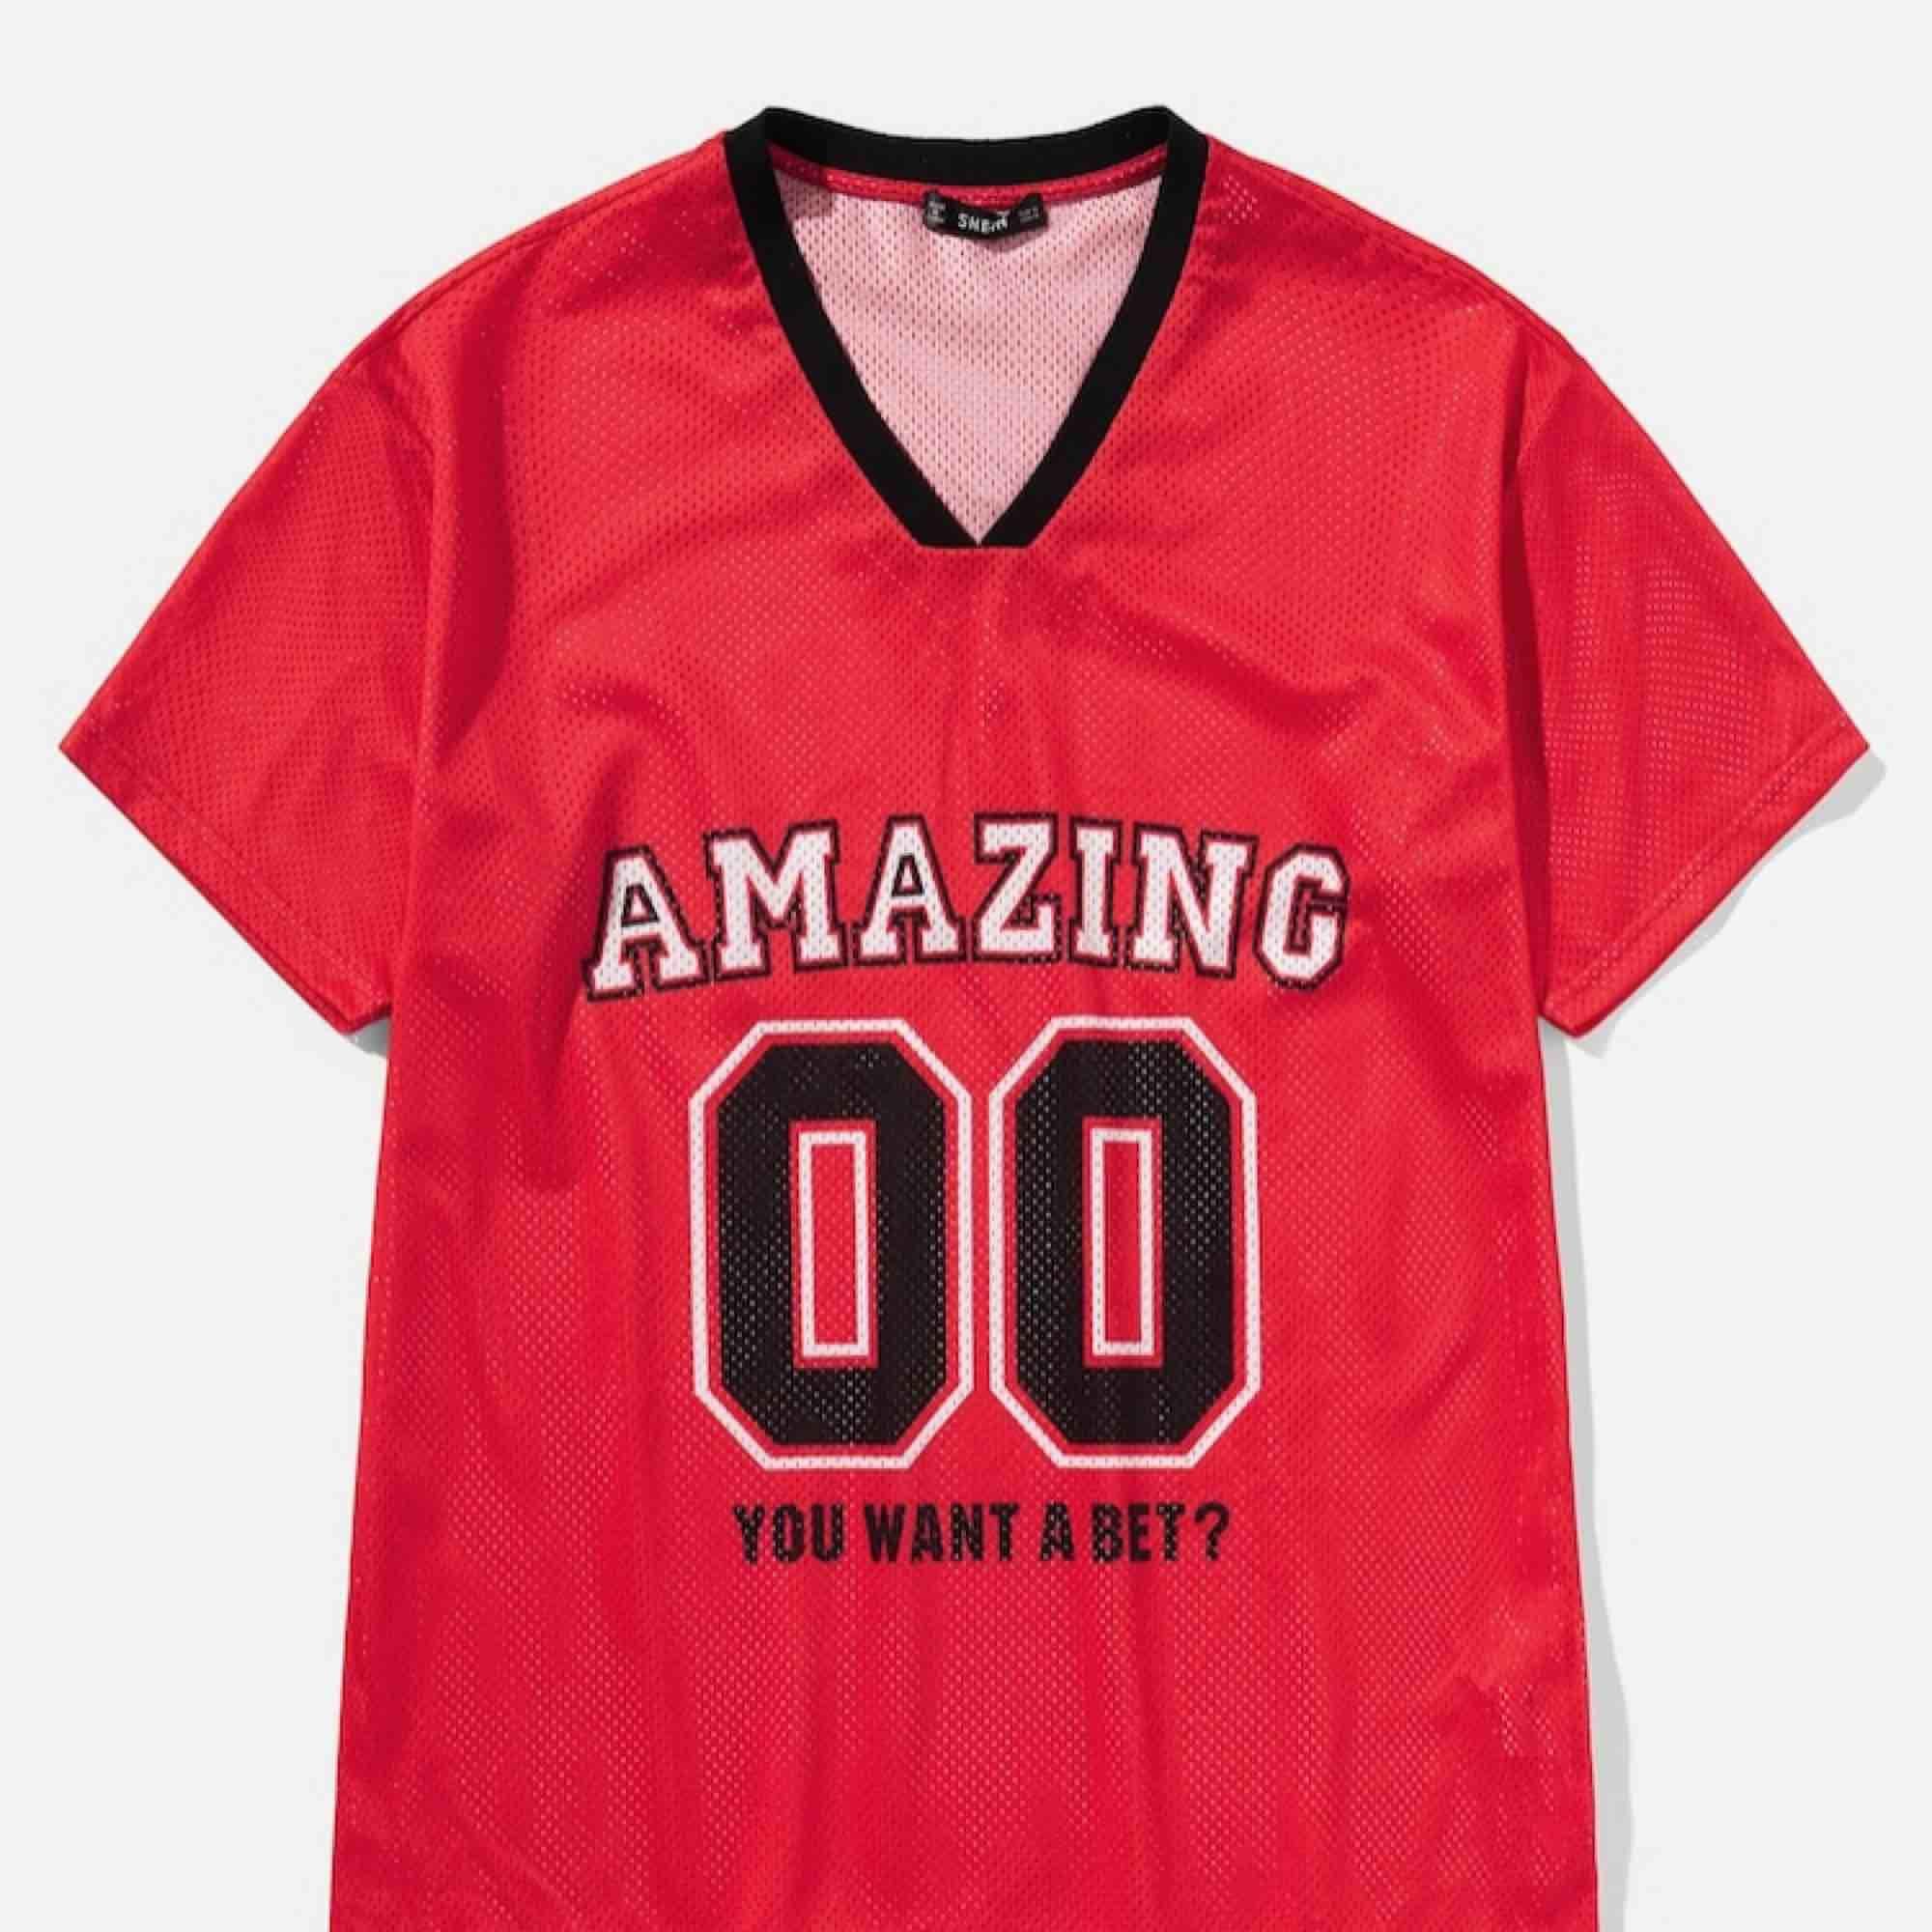 nästan oanvänd tröja från shein, man kan styla den på många olika sätt. sitter oversize på en S  frakt tillkommer. T-shirts.